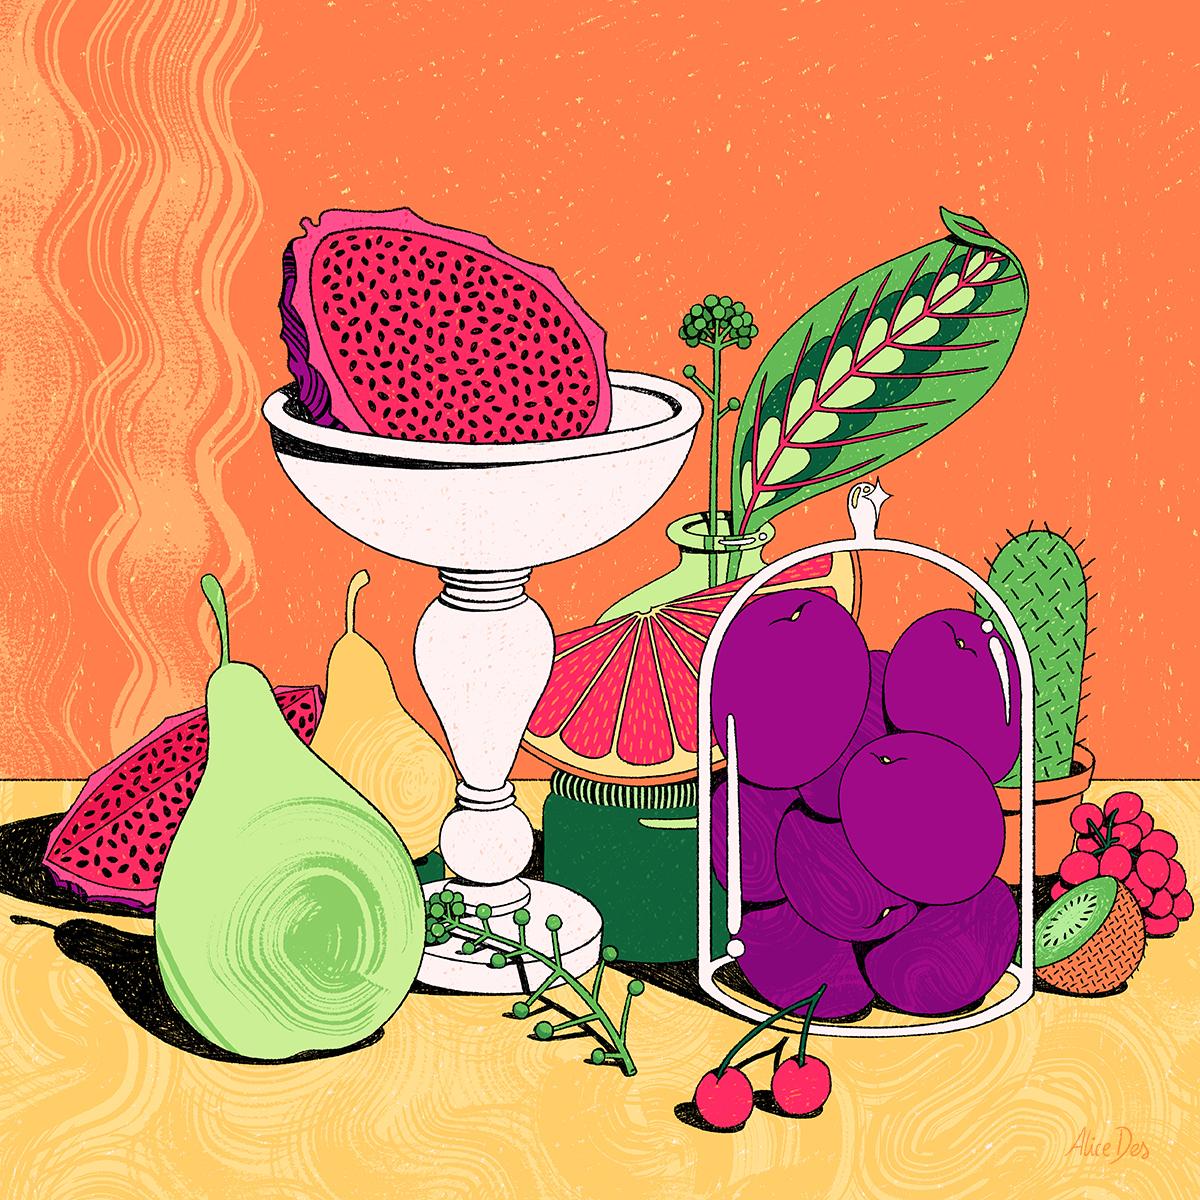 Alice Des – La Salade de Fruits